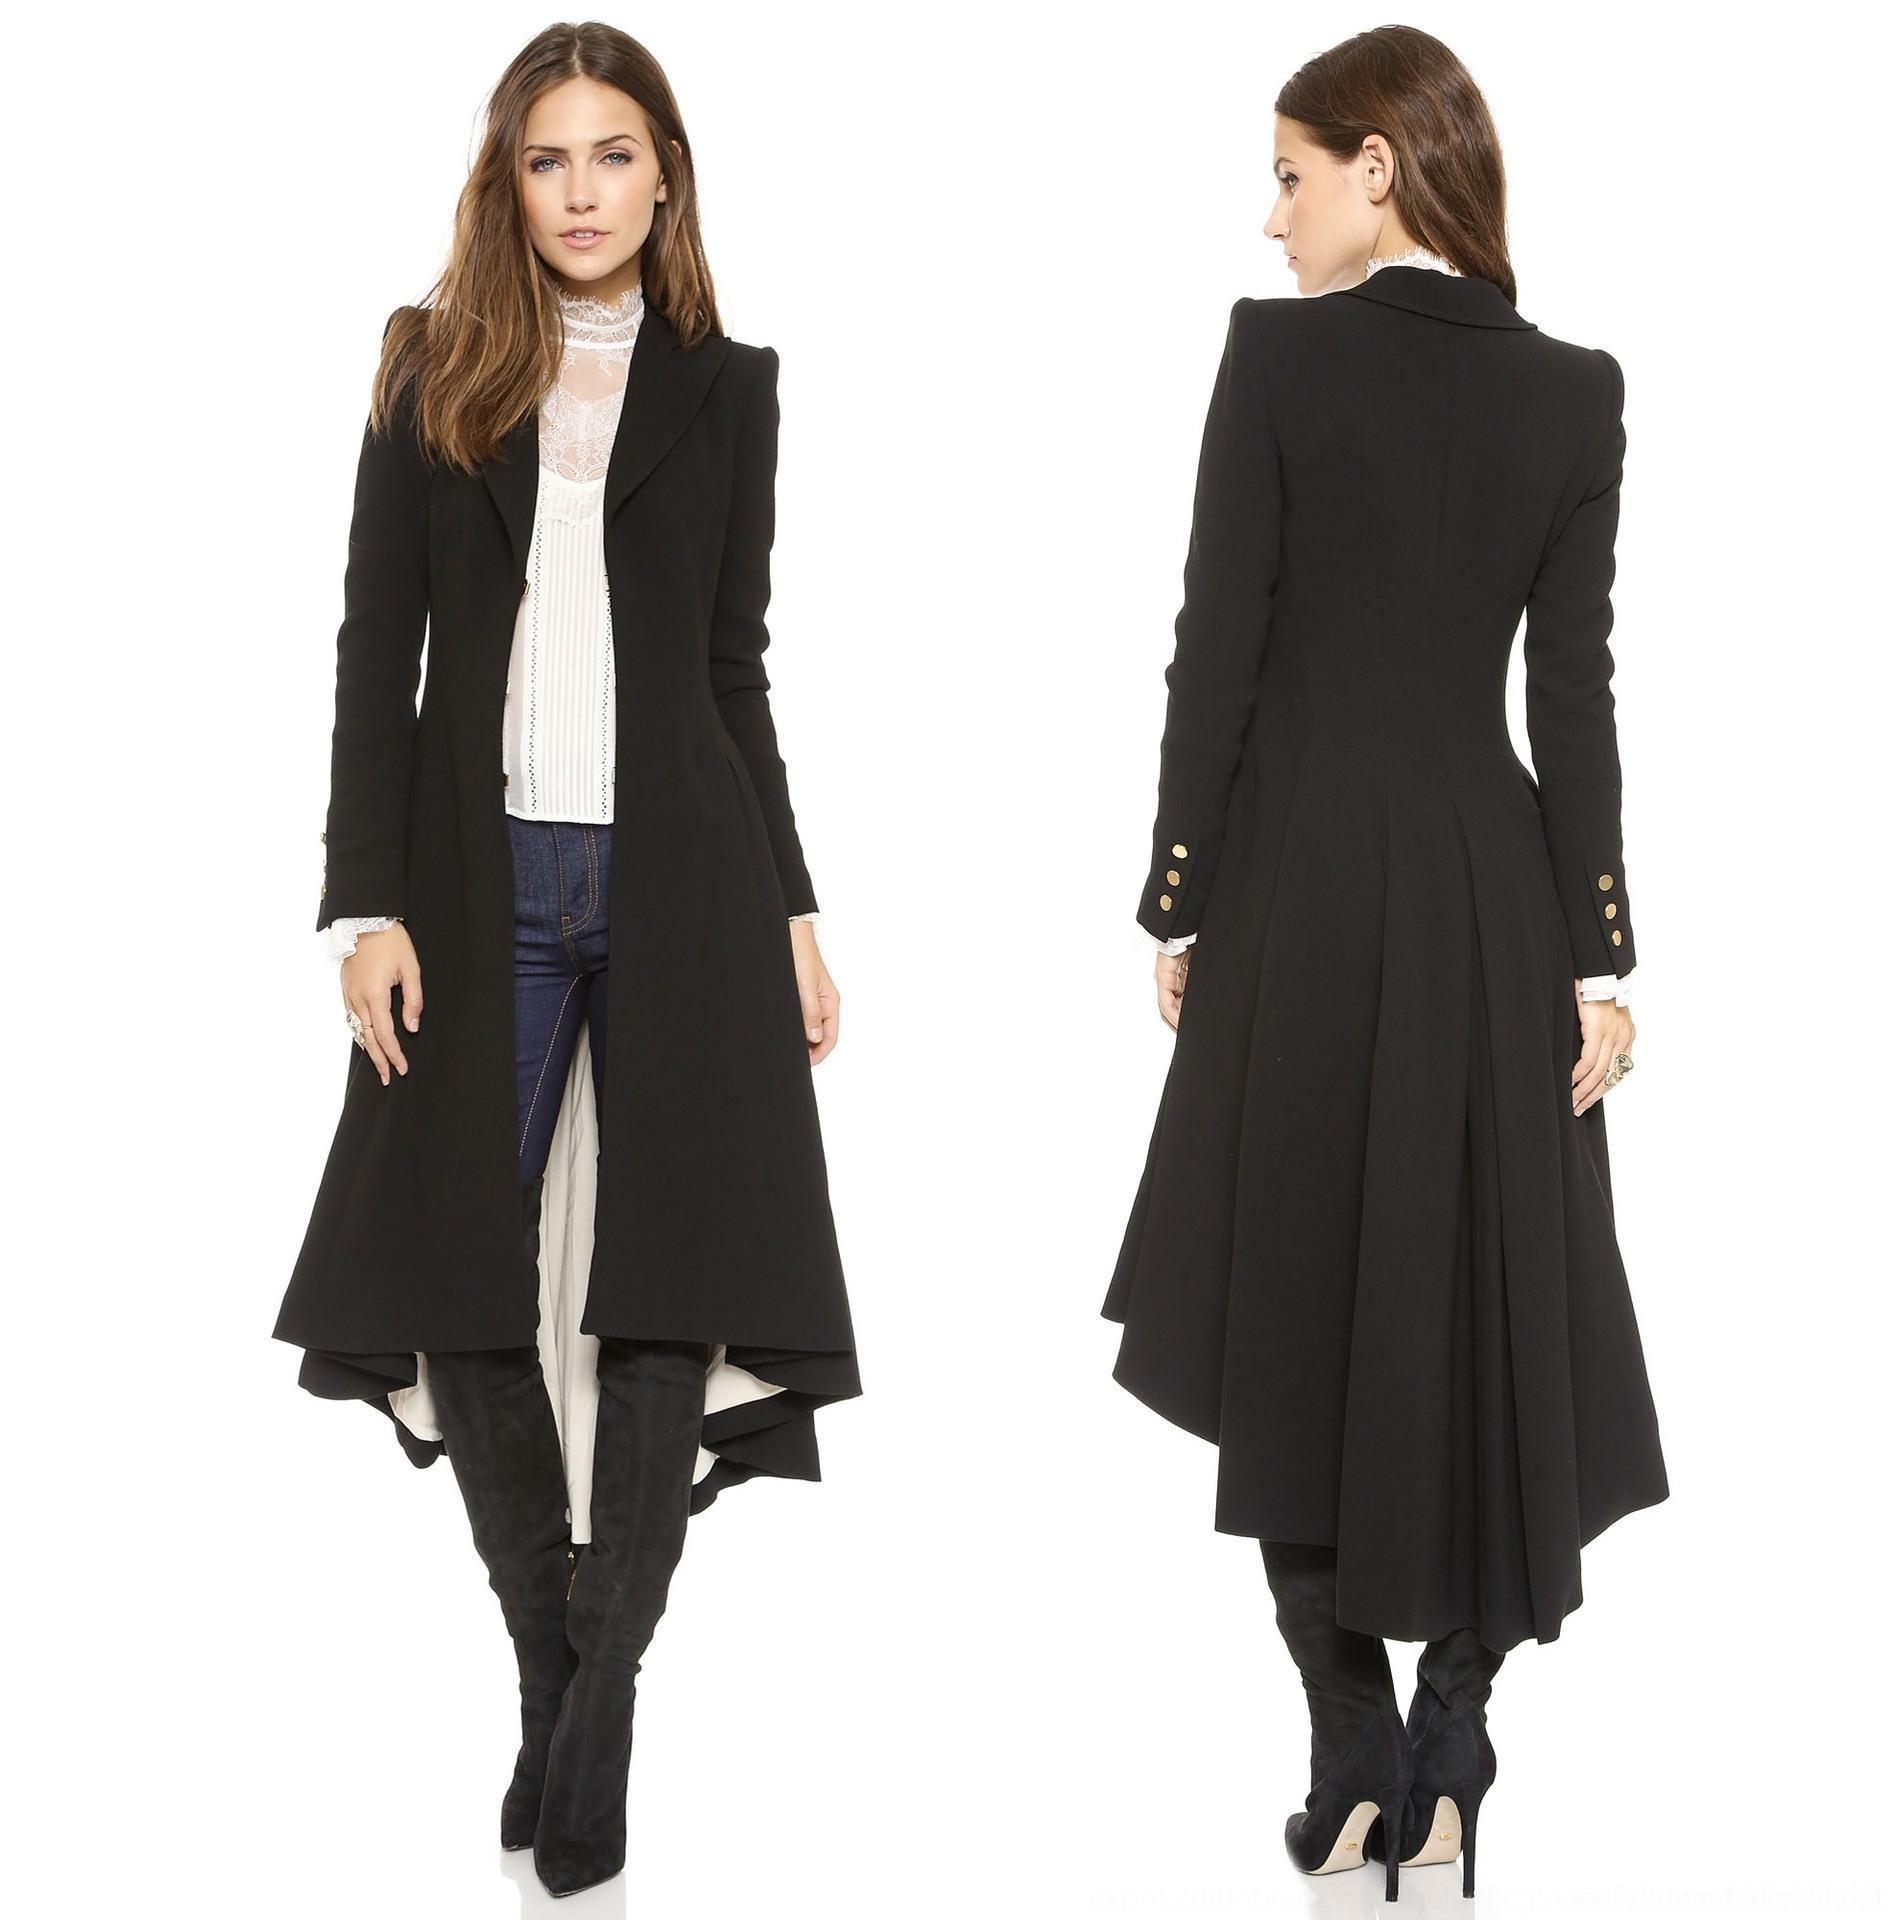 mTctJ 2019 Herbst Mantel Winter New wollenen Frauen Tuxedo Wolle und Wolle Revers Manschetten Anzug plissierten Schwalbenschwanzmantel wollenen Frauen